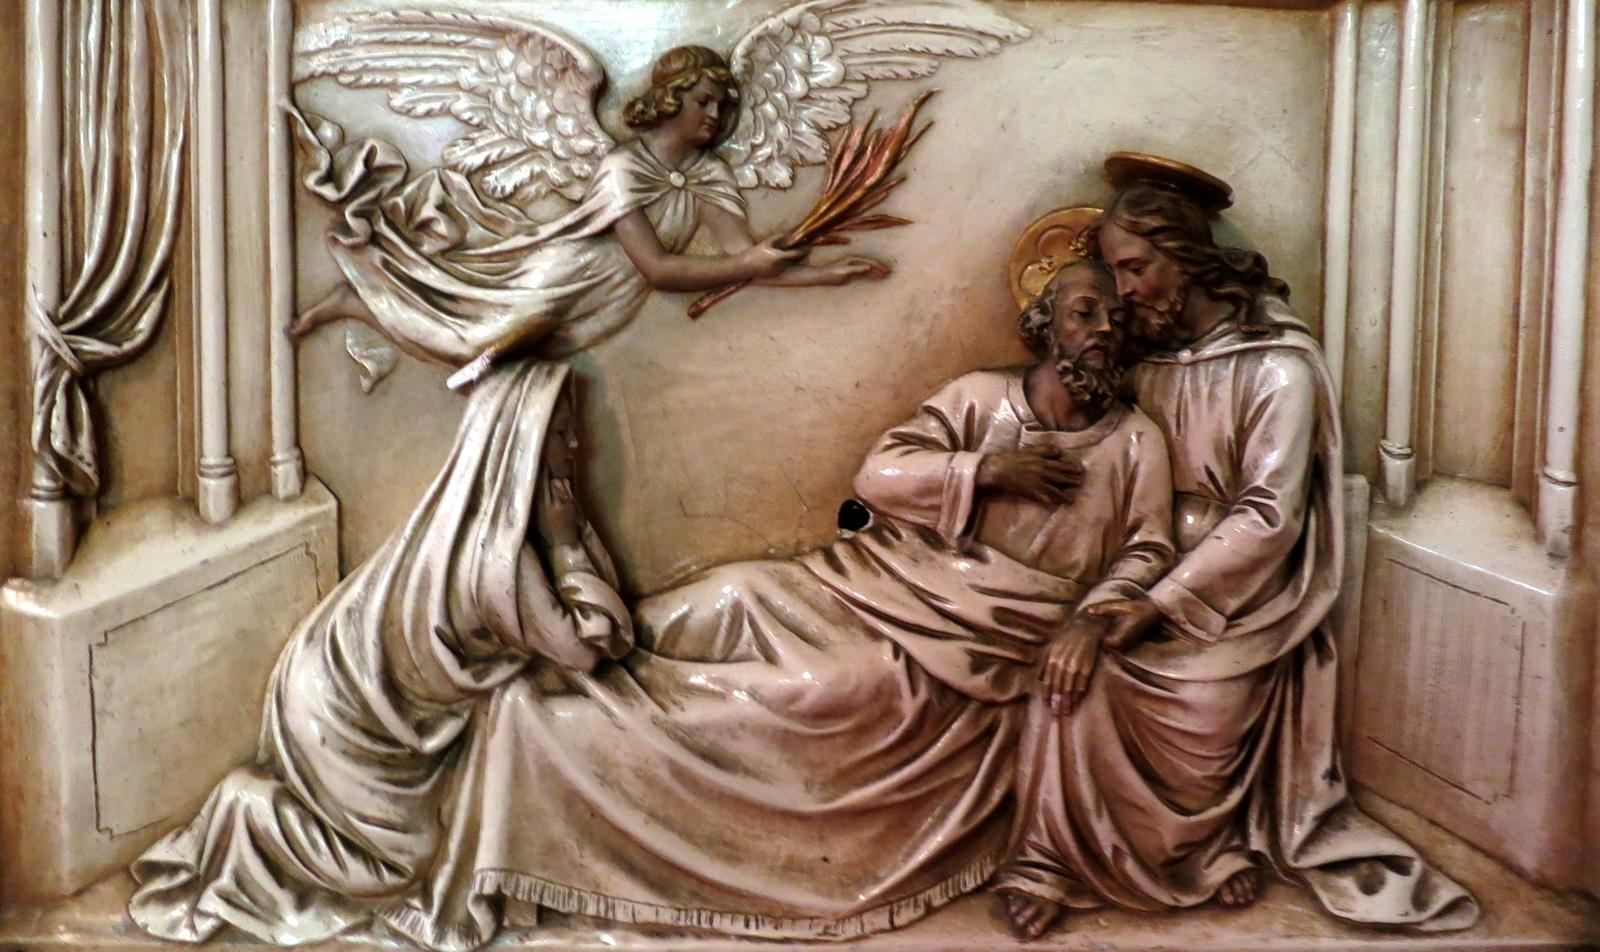 ¡Impresionantes Promesas de San José! a los Devotos de su Sagrado Corazón